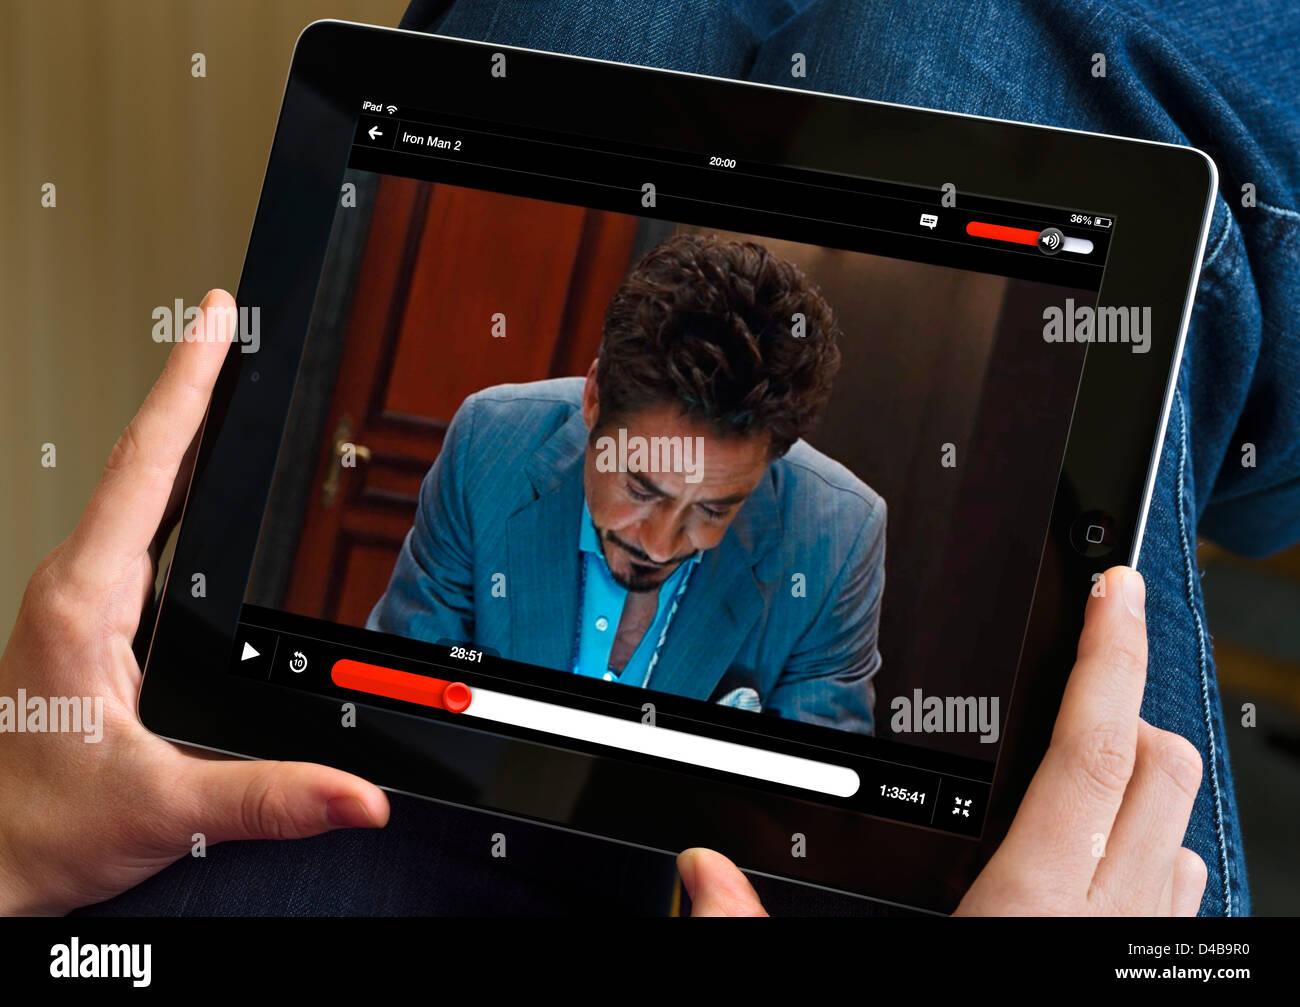 La visione del filmato'Iron Man 2' tramite Netflix streaming online su un iPad 4, REGNO UNITO Immagini Stock